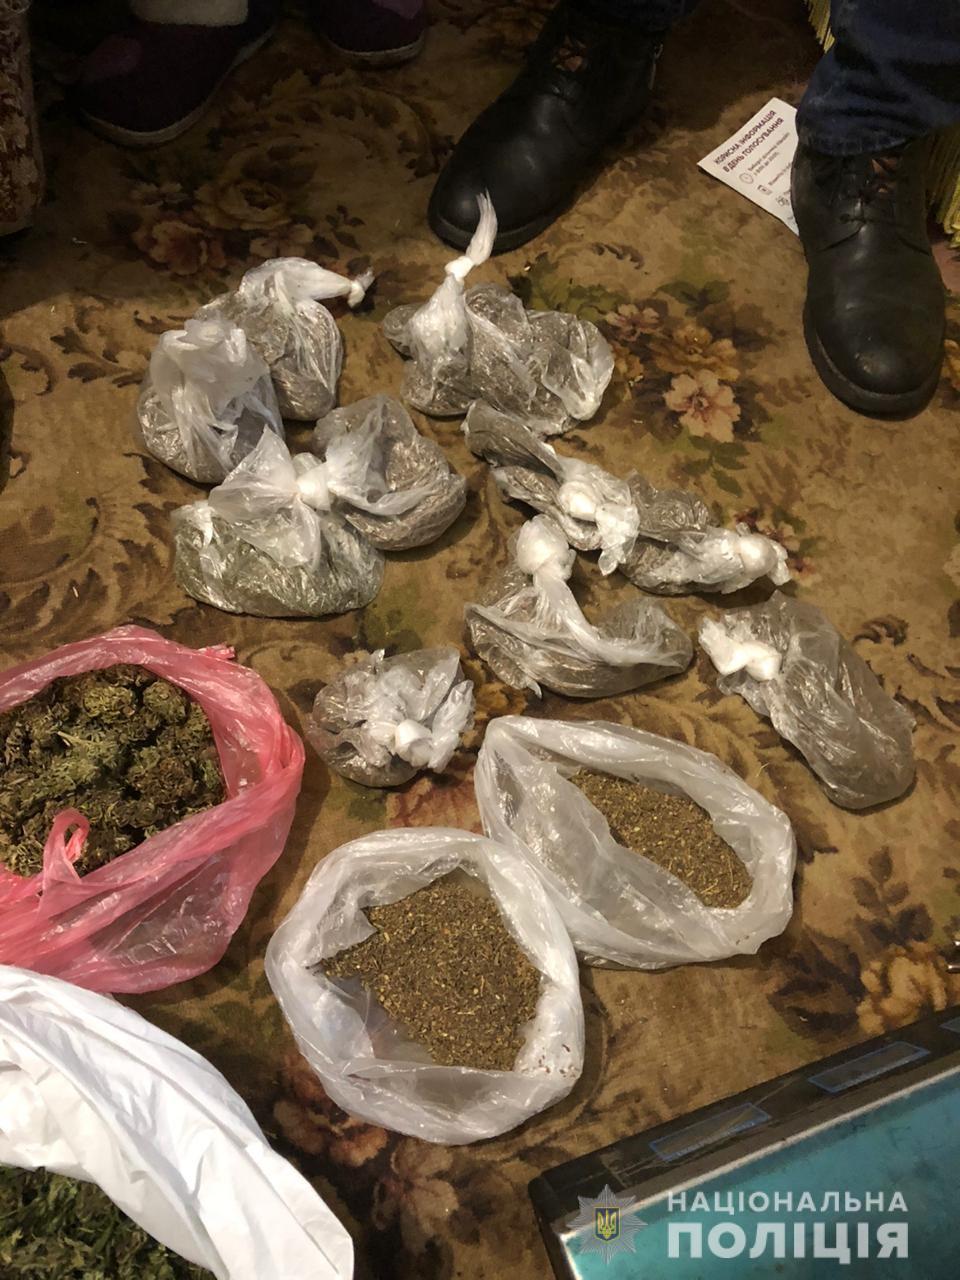 Наркотики на 1 миллион гривен: задержана наркогруппировка. Новости Днепра